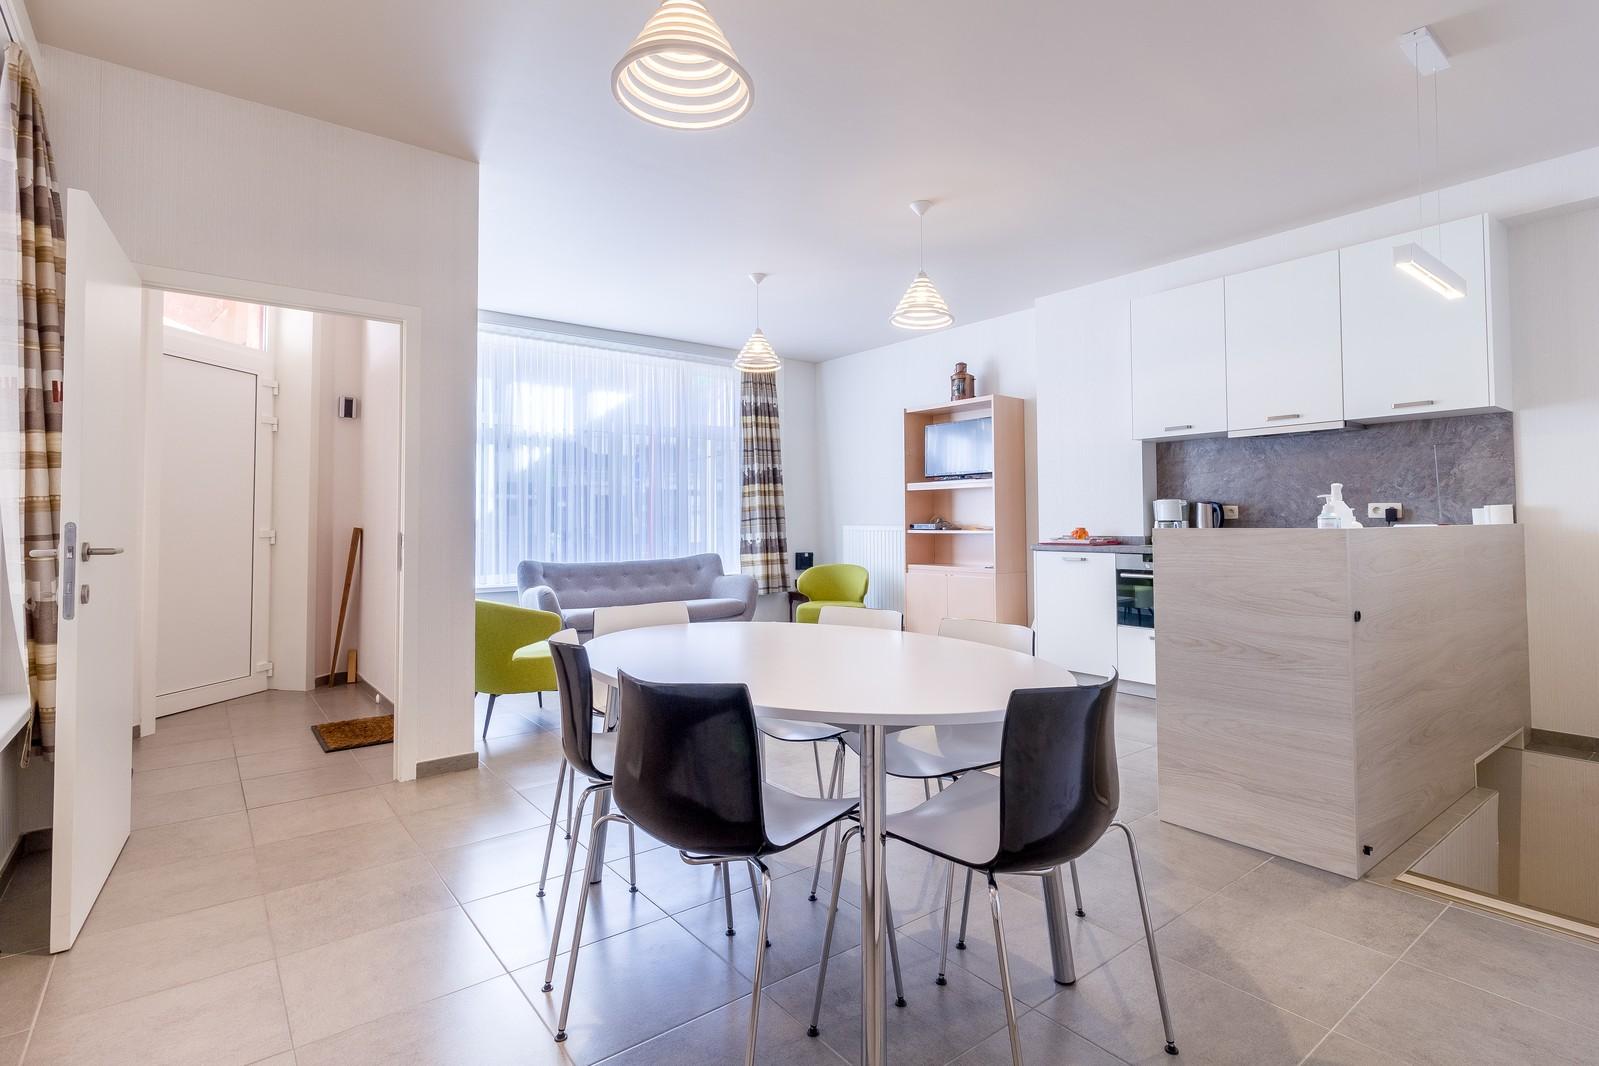 Zeer ruim (110m²), volledig gerenoveerd, appartement met 3 kamers vlakbij de zeedijk